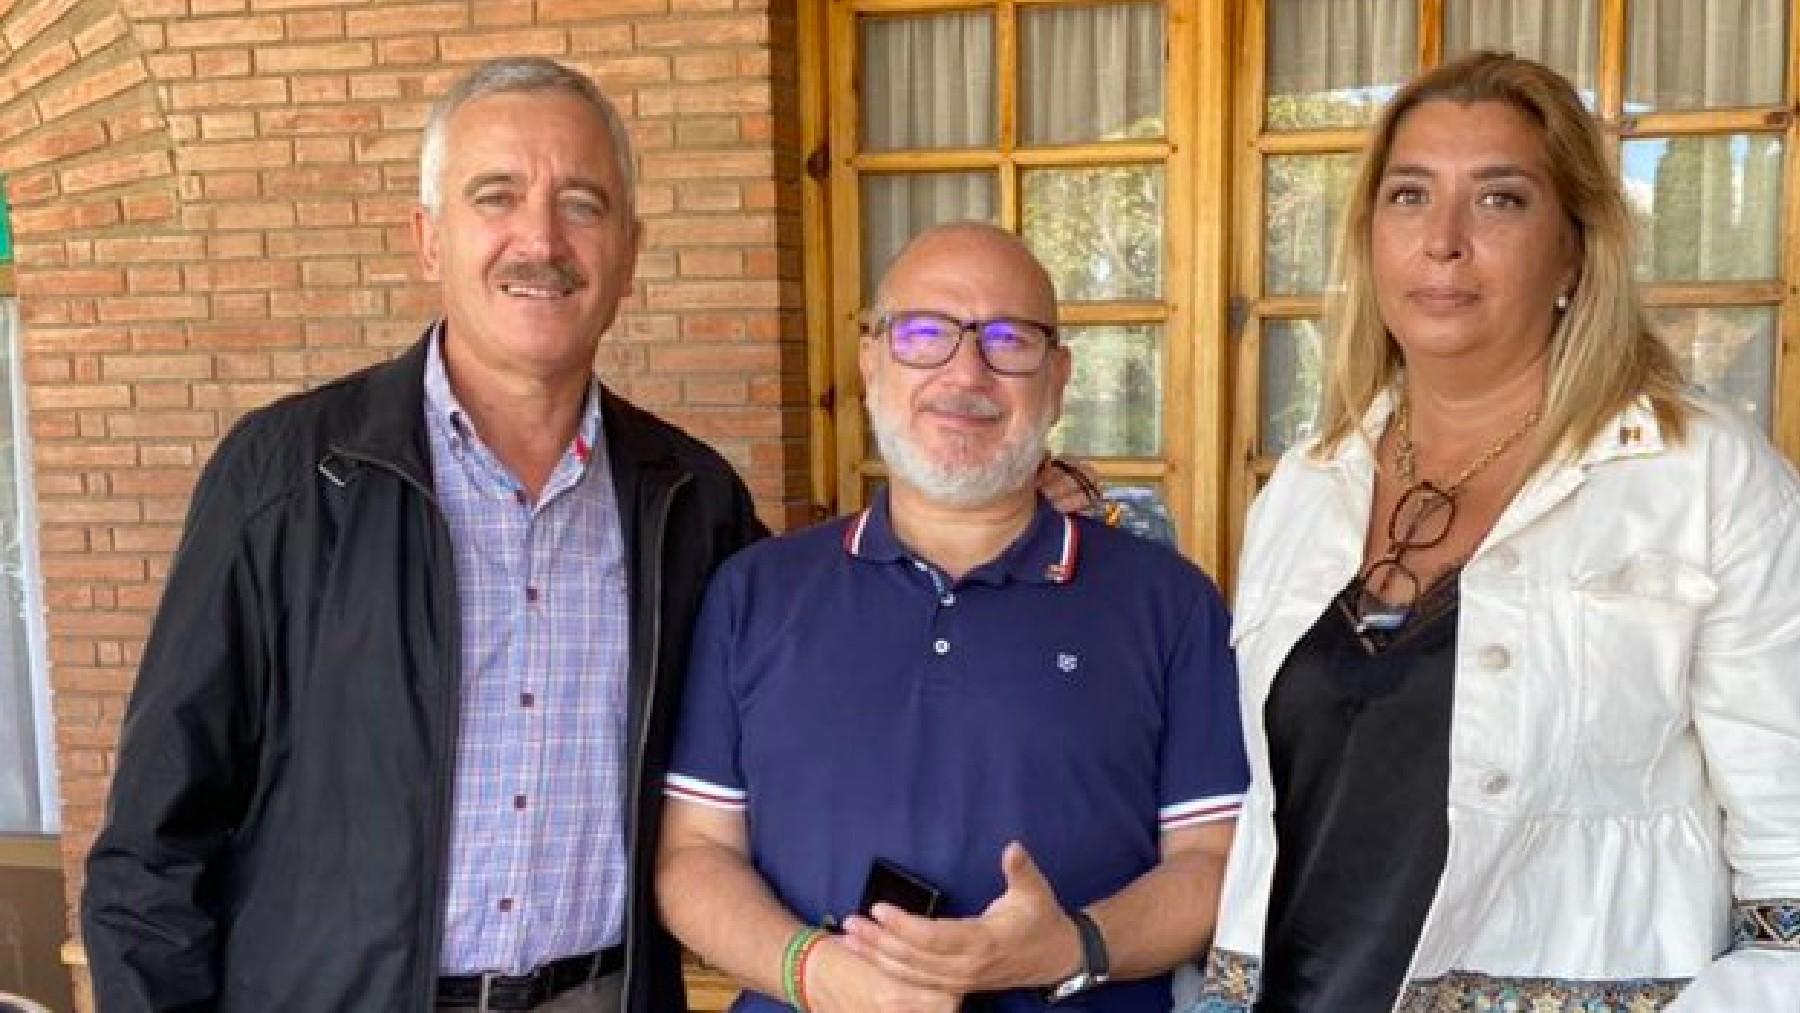 Ortega Lara, Alcaraz y Mari Ángeles Ramos, portavoz de Vox en el Ayuntamiento de Toledo. (Foto: @MariaRamosFdVOX)